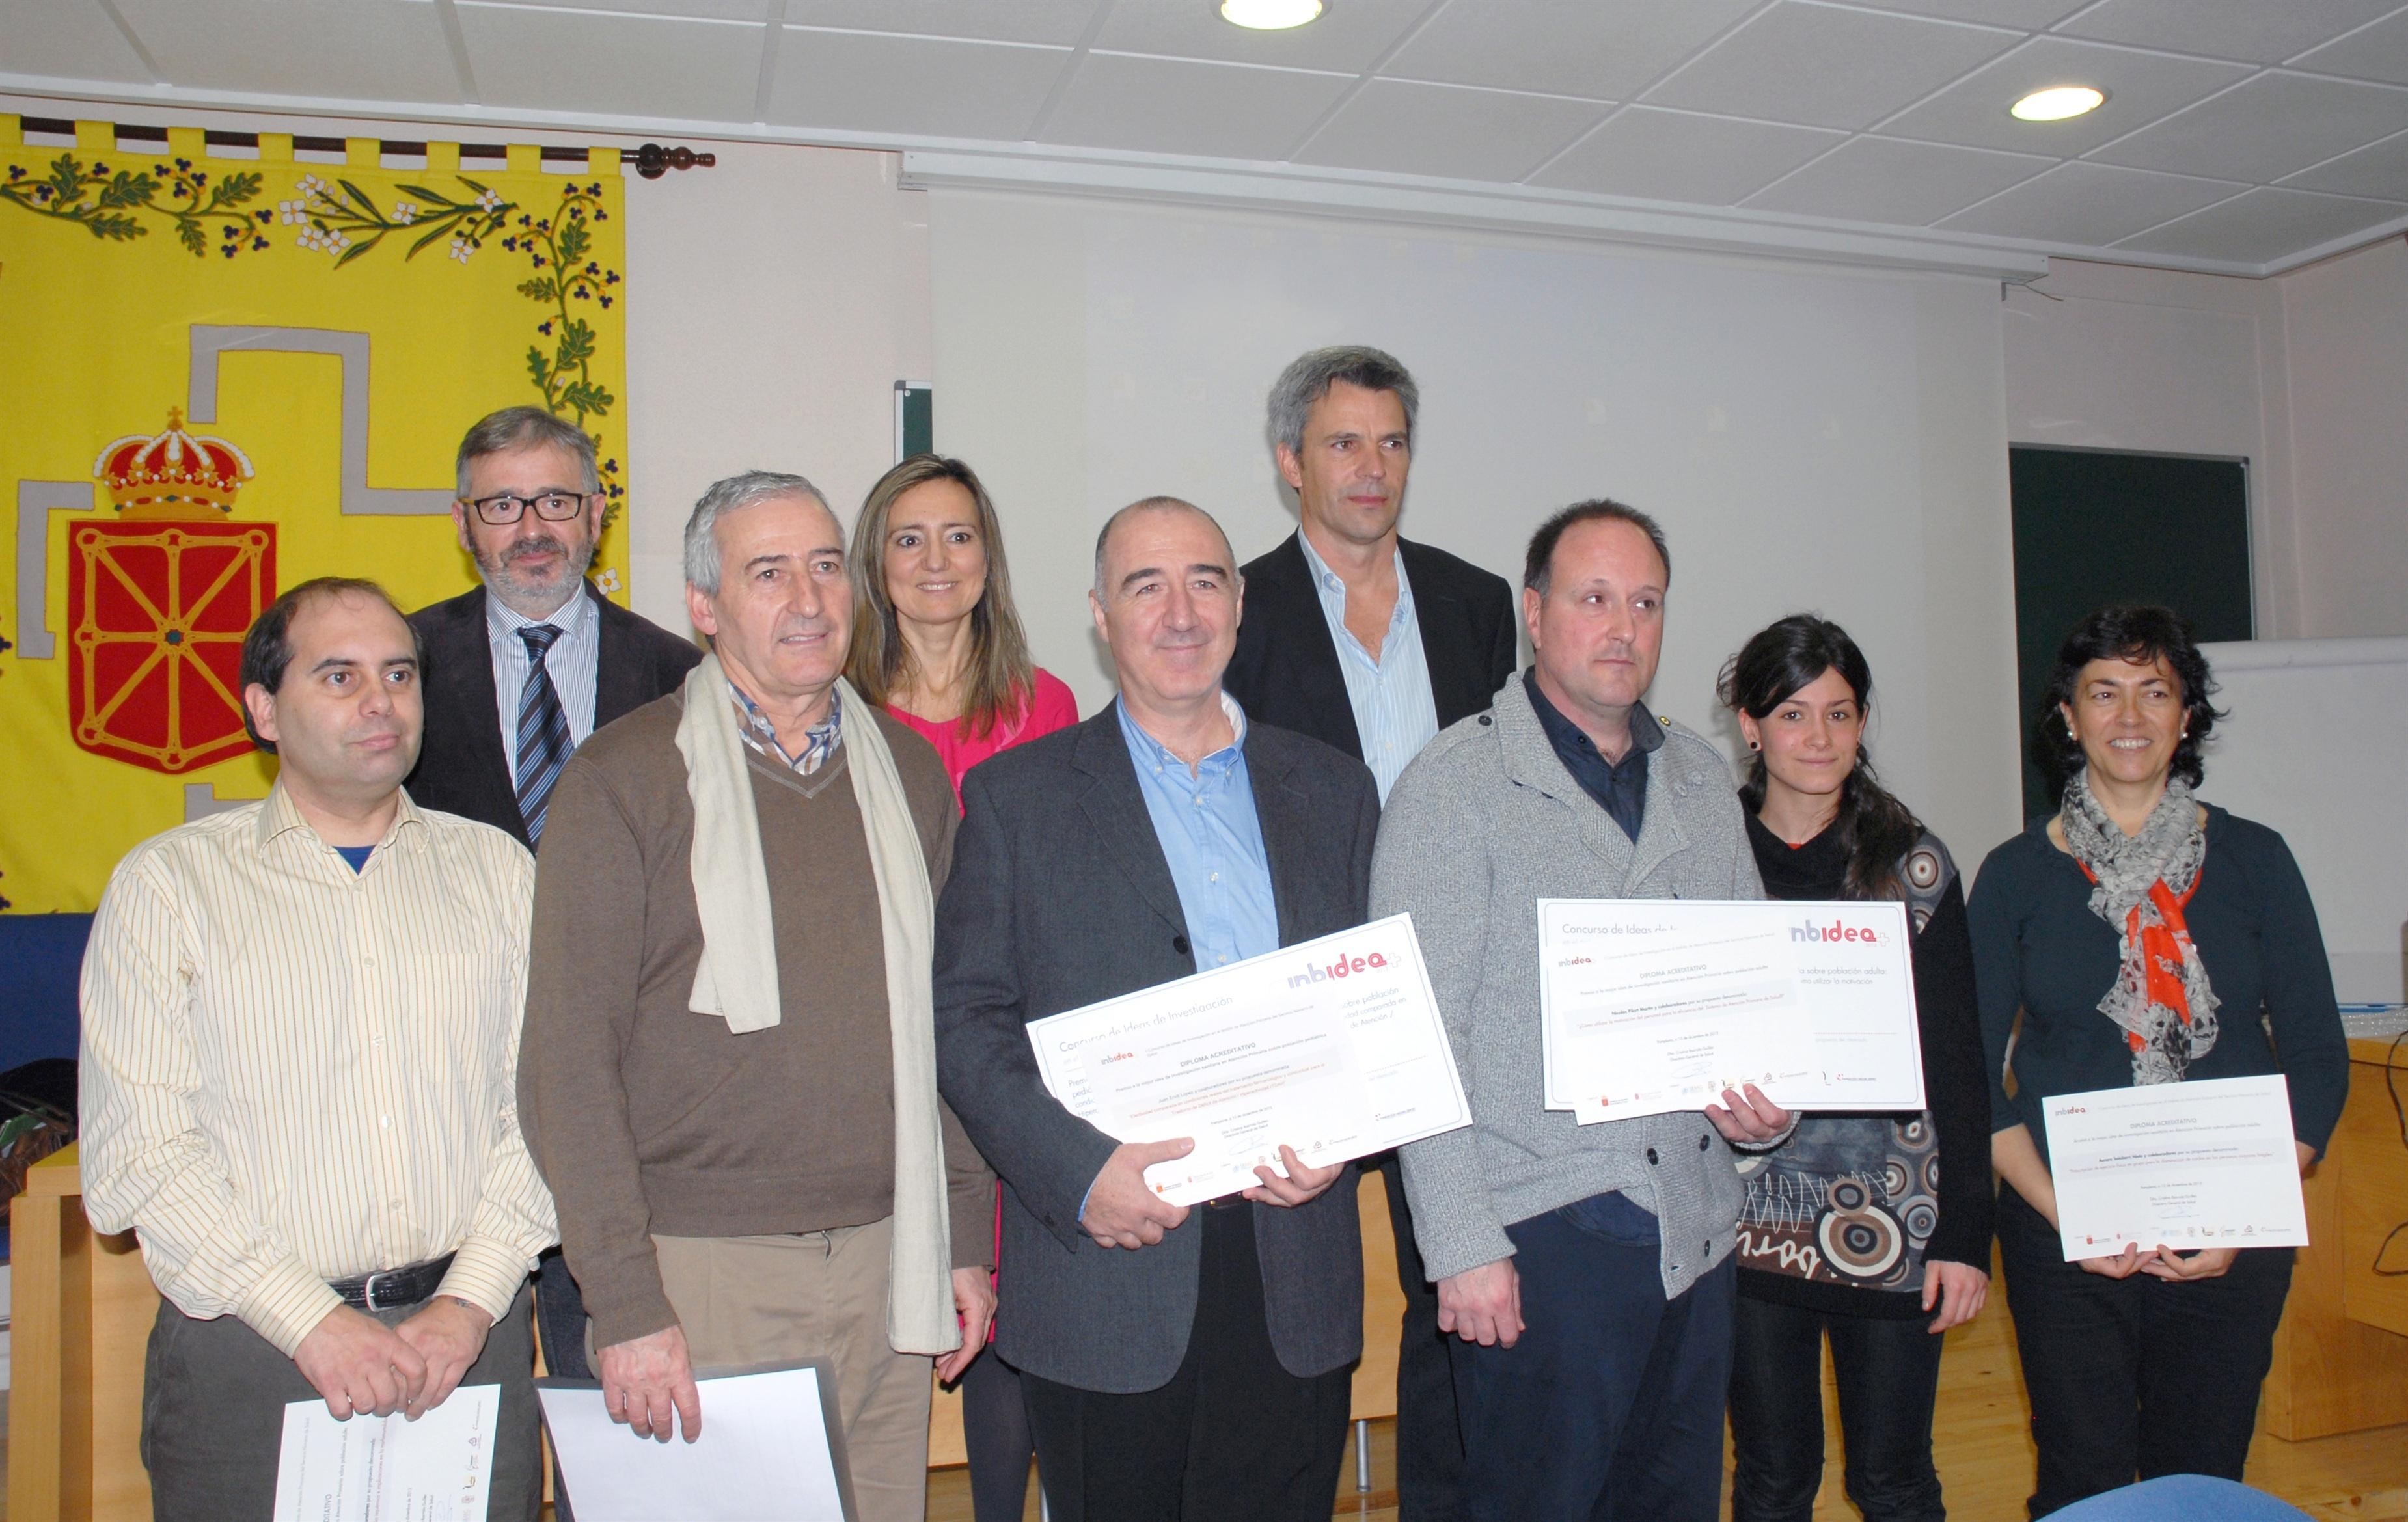 TDAH y la motivación profesional, temas premiados en el concurso de Ideas de Investigación en Atención Primaria